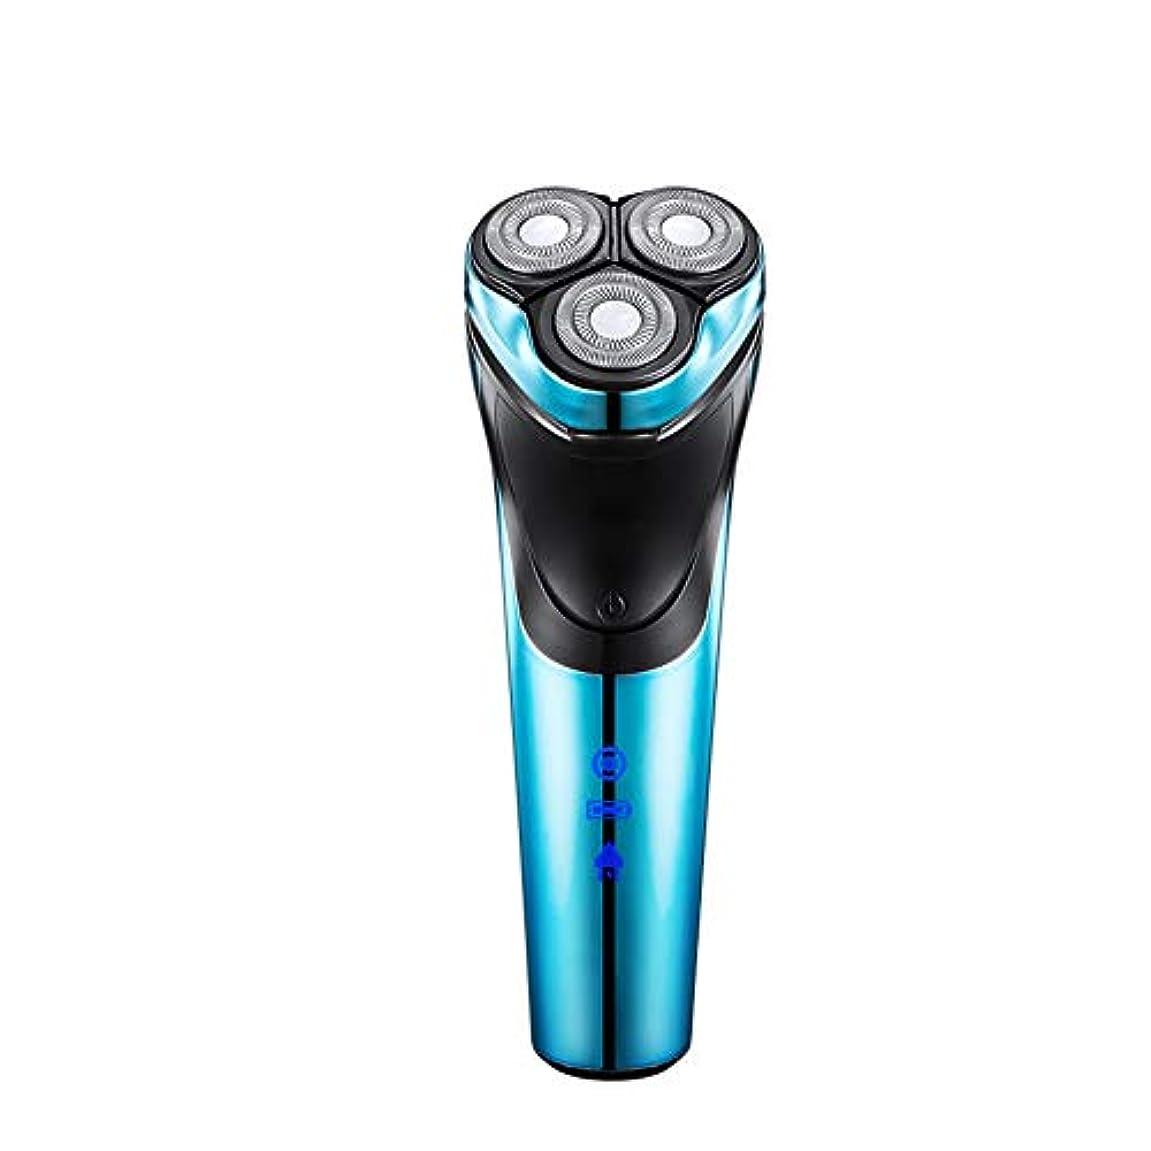 センターテレマコス関税男性用ロータリーシェーバー2019更新バージョンウェットドライかみそりポップアップトリマー防水コードレス充電式